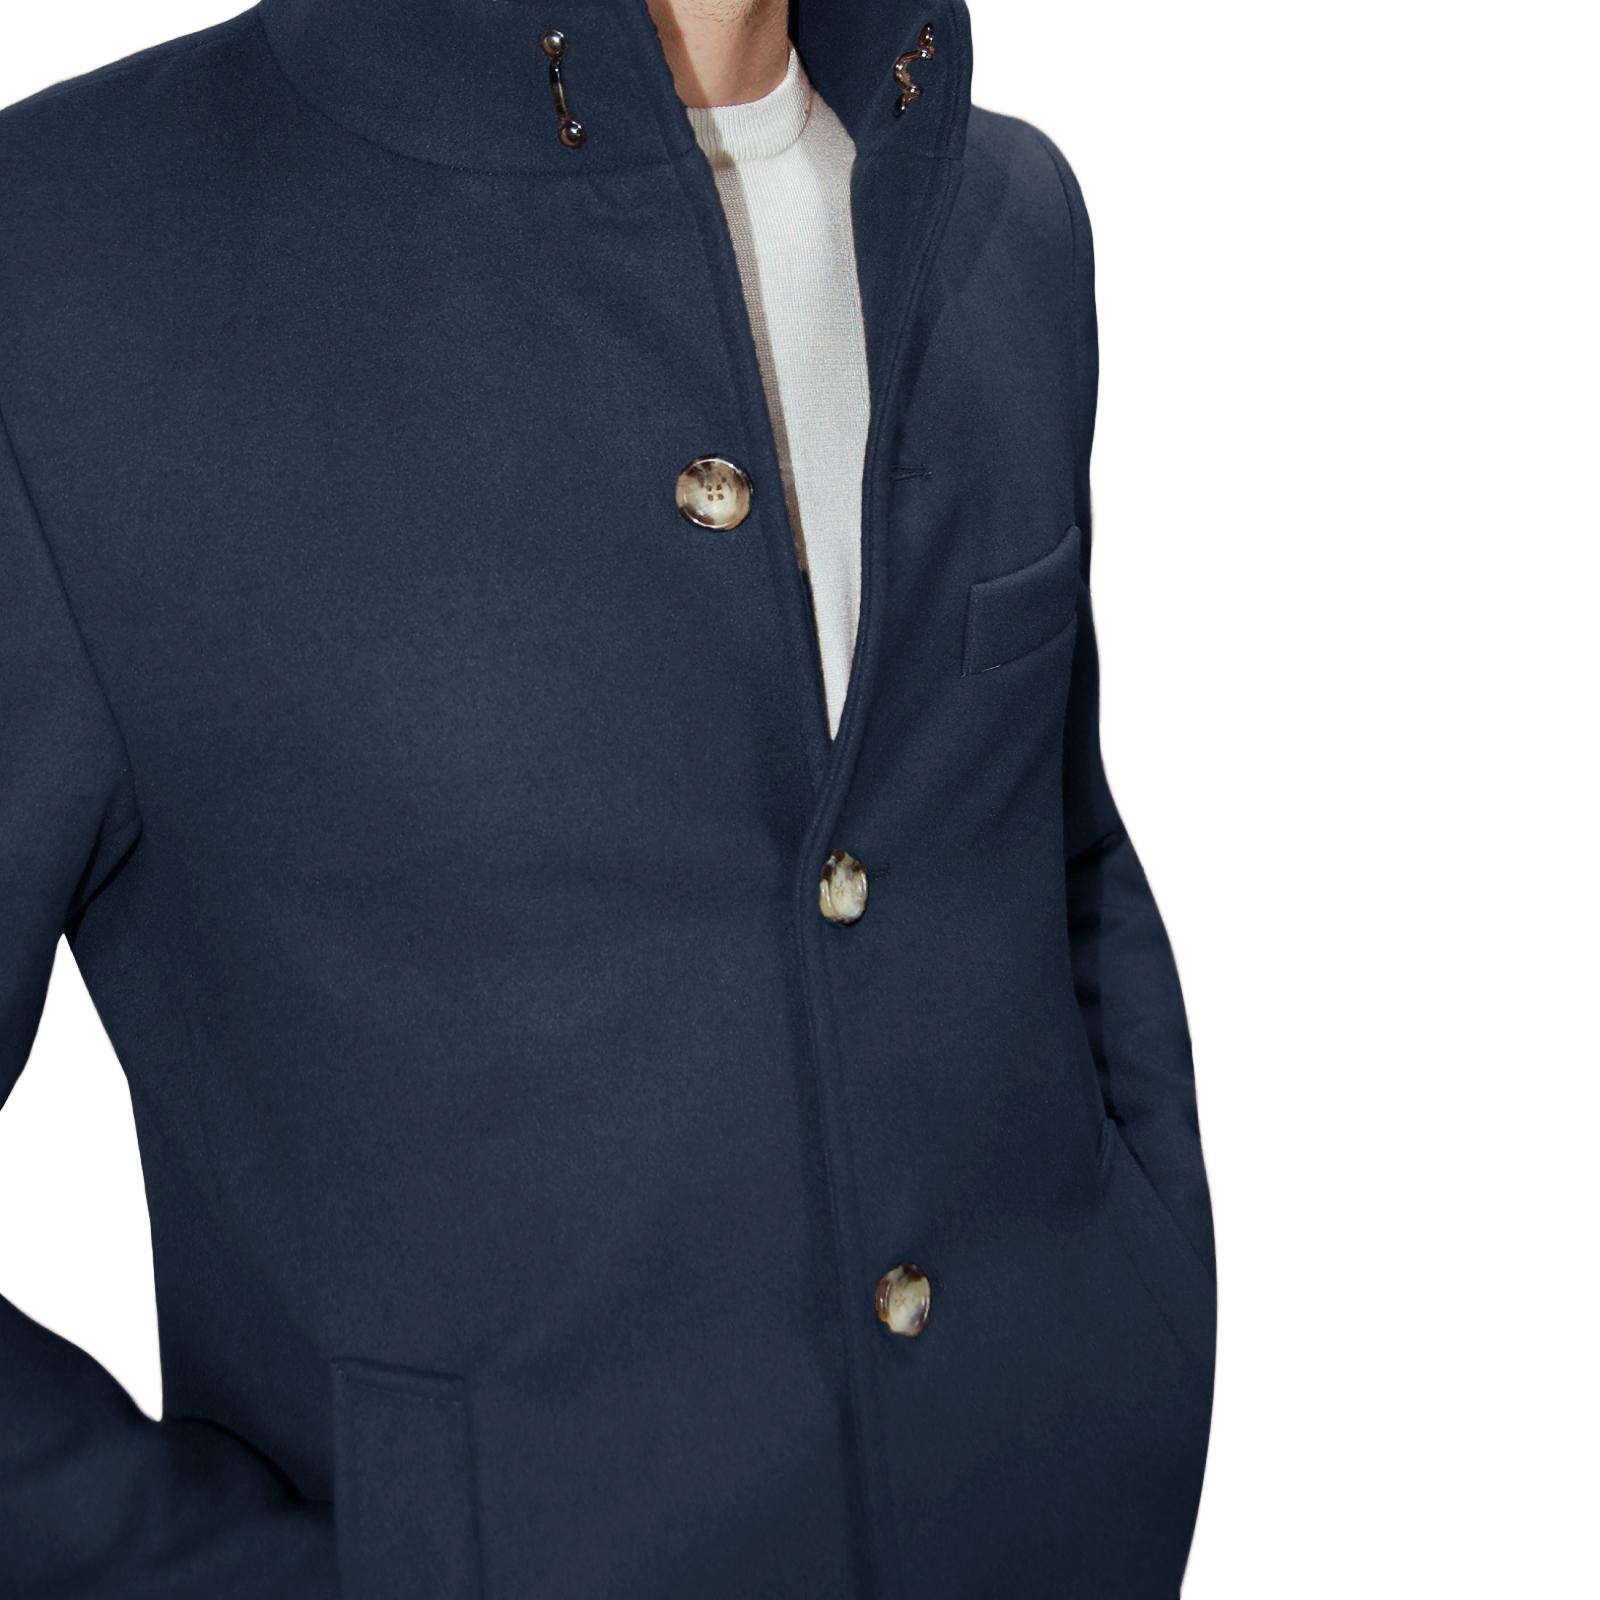 Cappotto-Uomo-Elegante-Giubbotto-Invernale-Blu-Camel-Trench-Lungo miniature 15